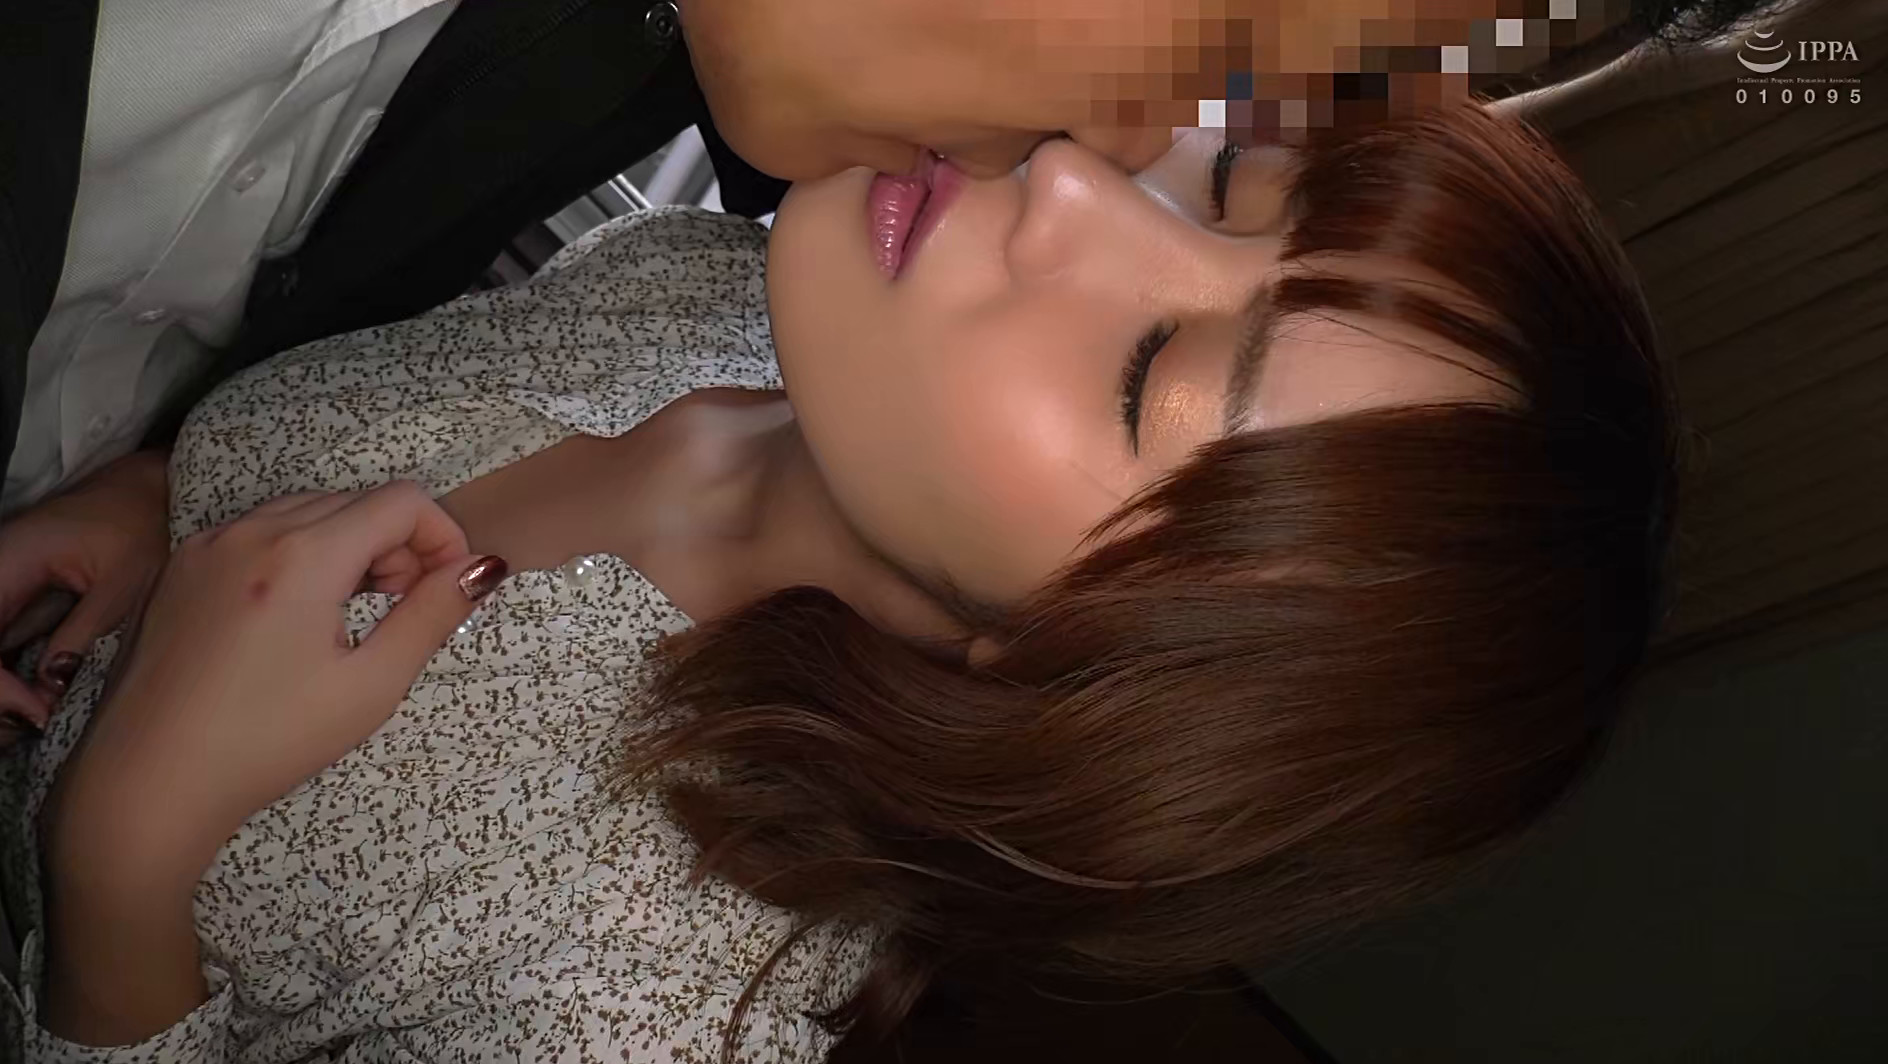 中出し人妻不倫旅行 藤森里穂 27歳 画像4